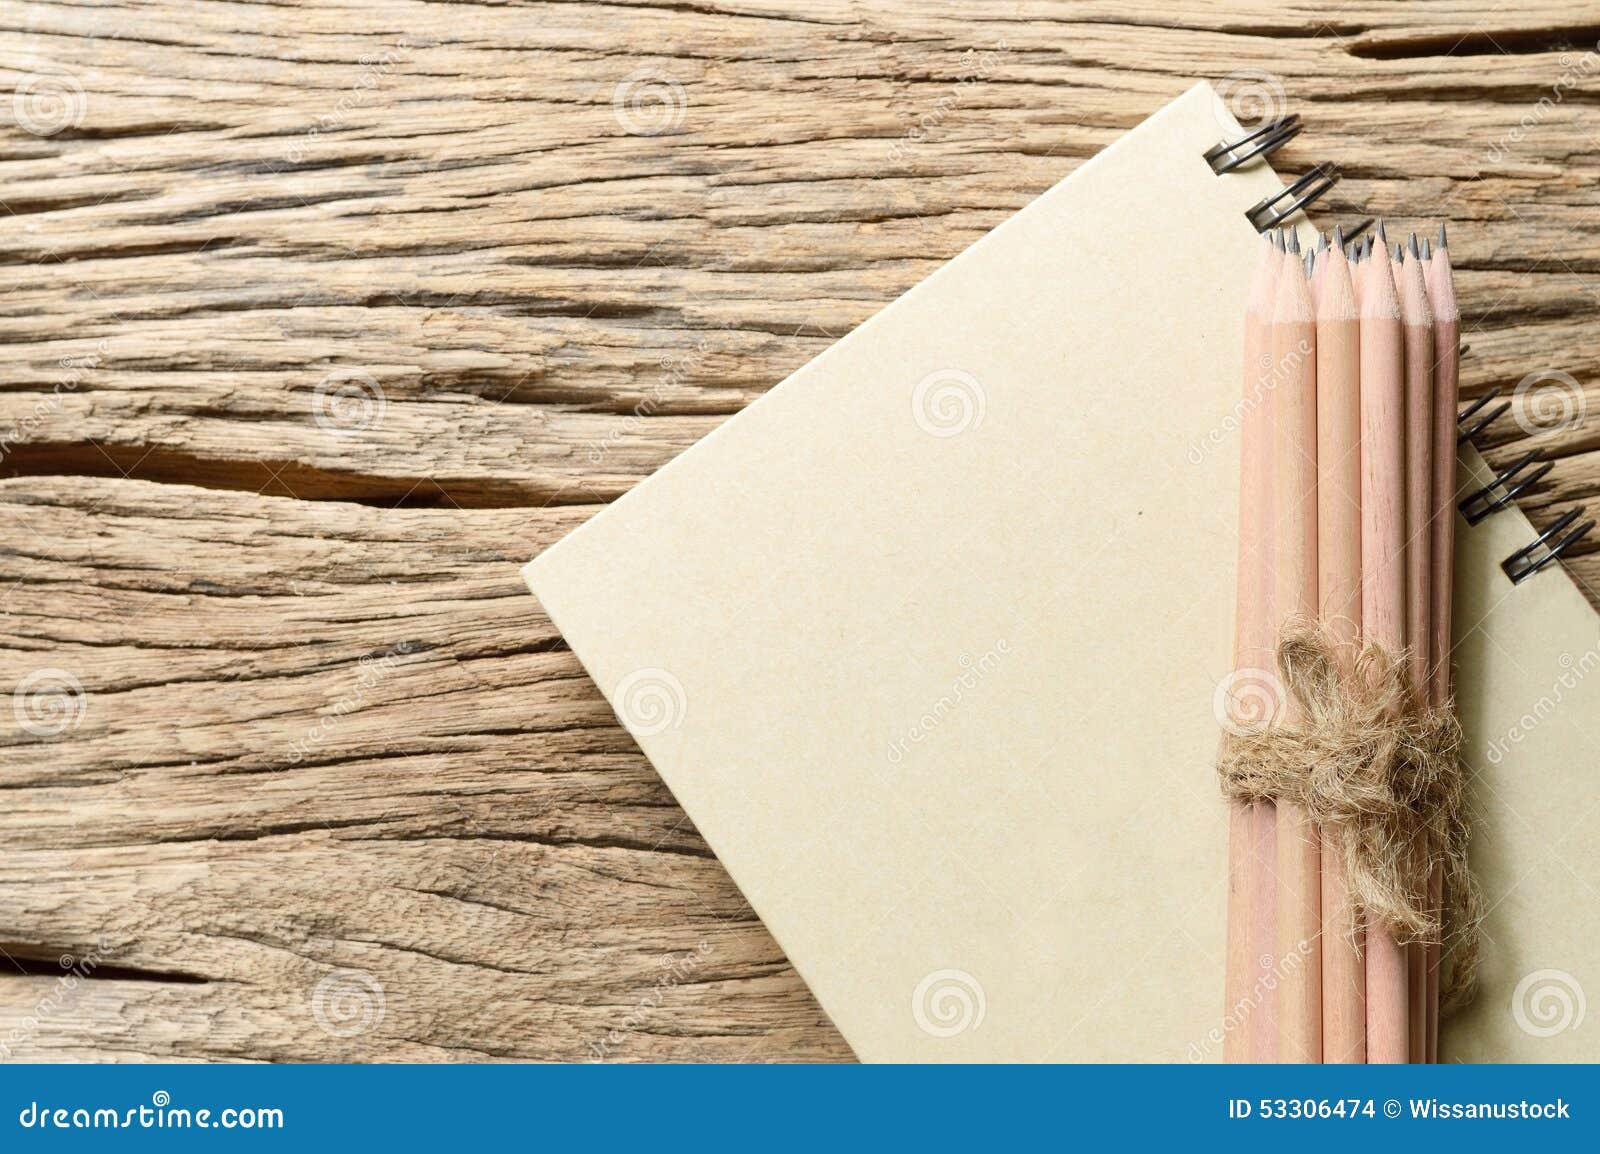 Buch und Bleistift